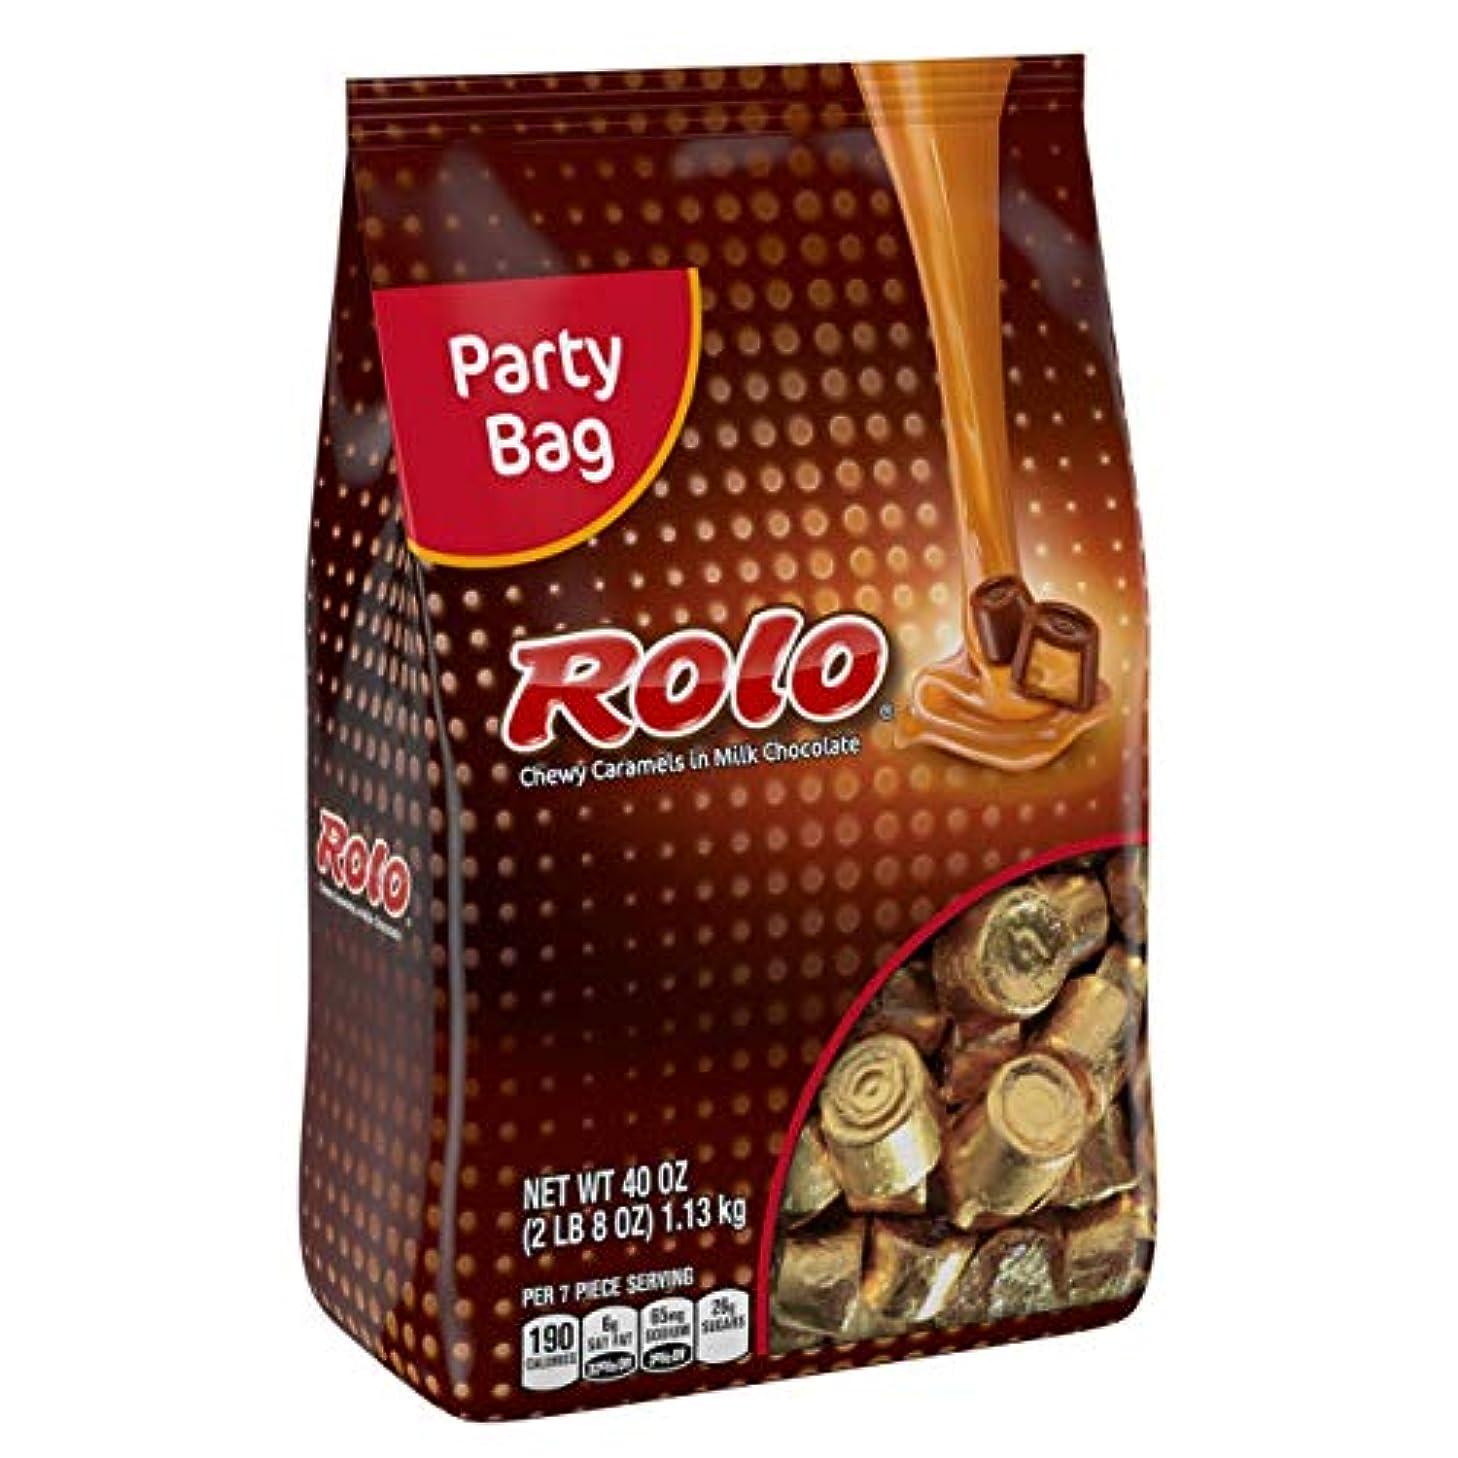 海上請求書定期的なRolo グルテンフリー チューイキャラメル ミルクチョコレート、ハロウィンキャンディ、個別包装キャンディ、40オンスバッグ